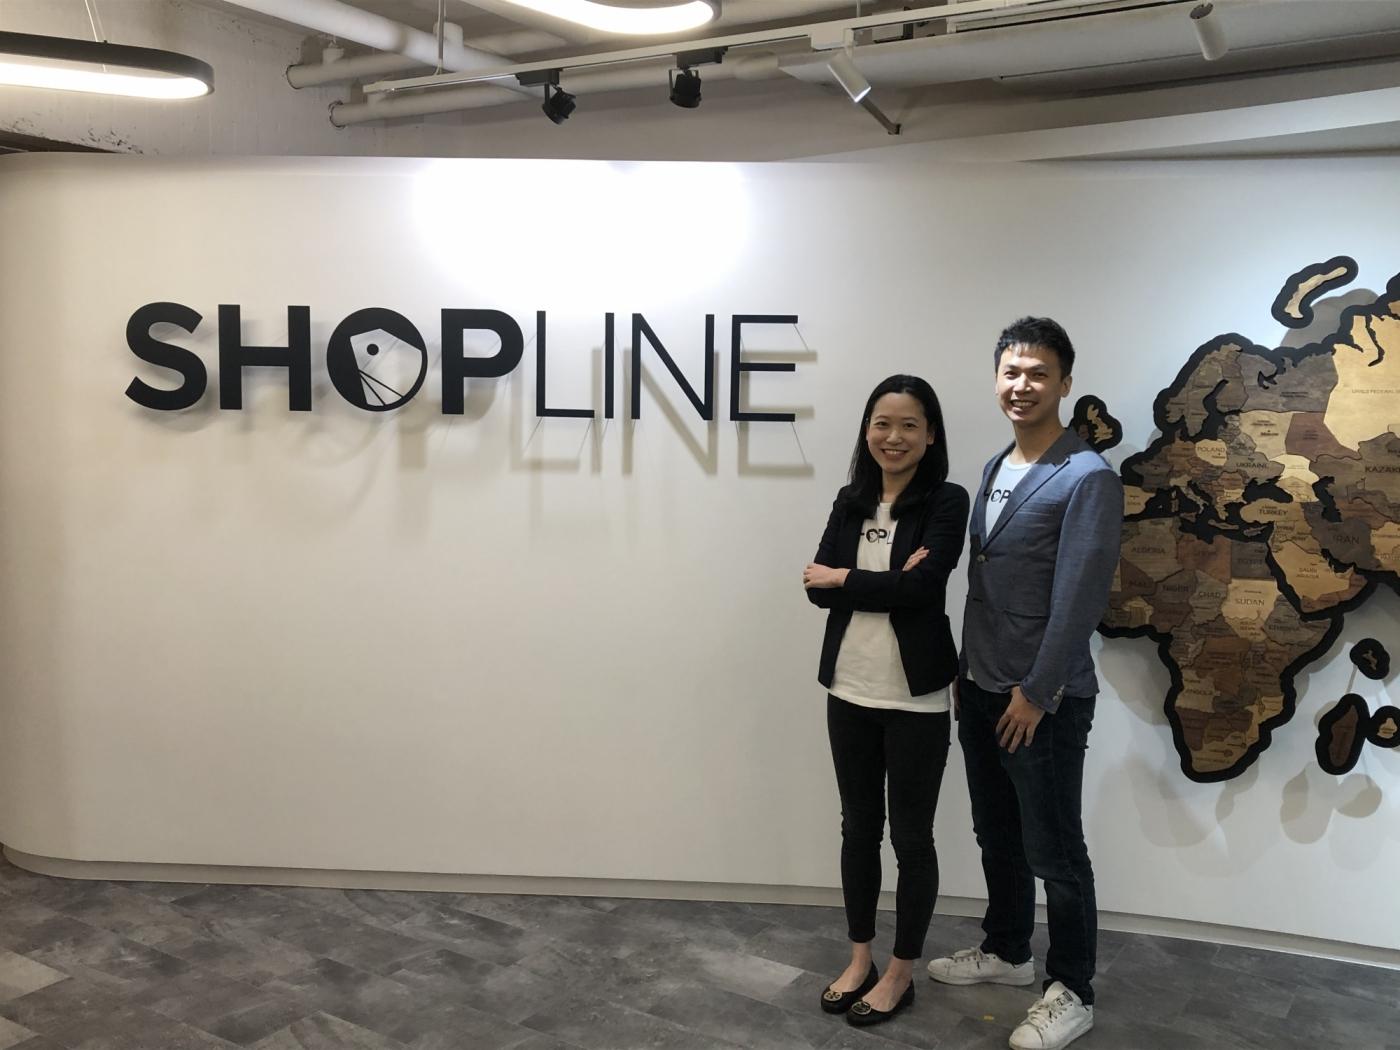 開店平台SHOPLINE疫情間詢問量大增40%,下一步插旗越南、泰國